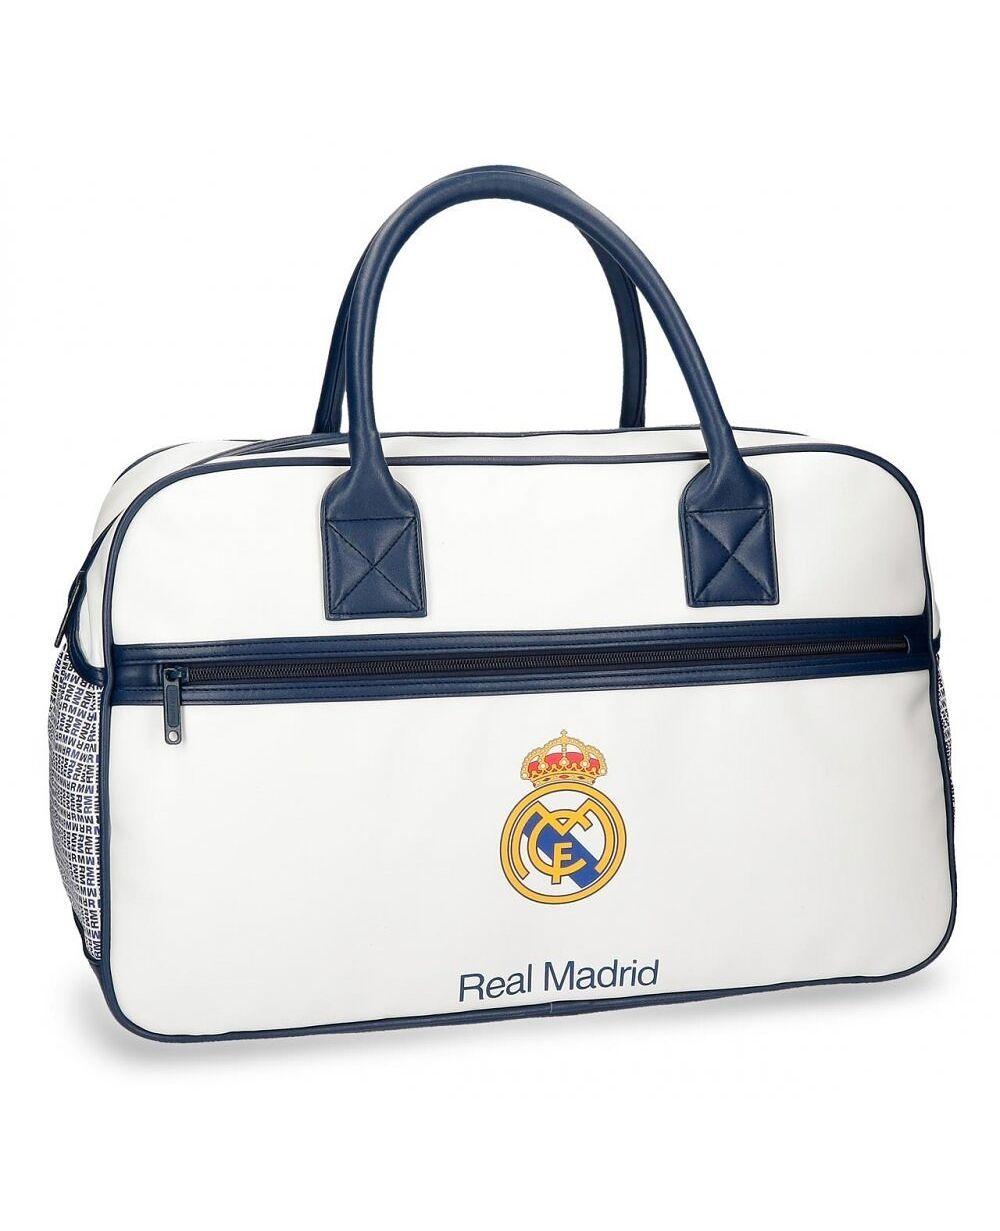 Real Madrid Leyenda Bolsa de Viaje Blanca